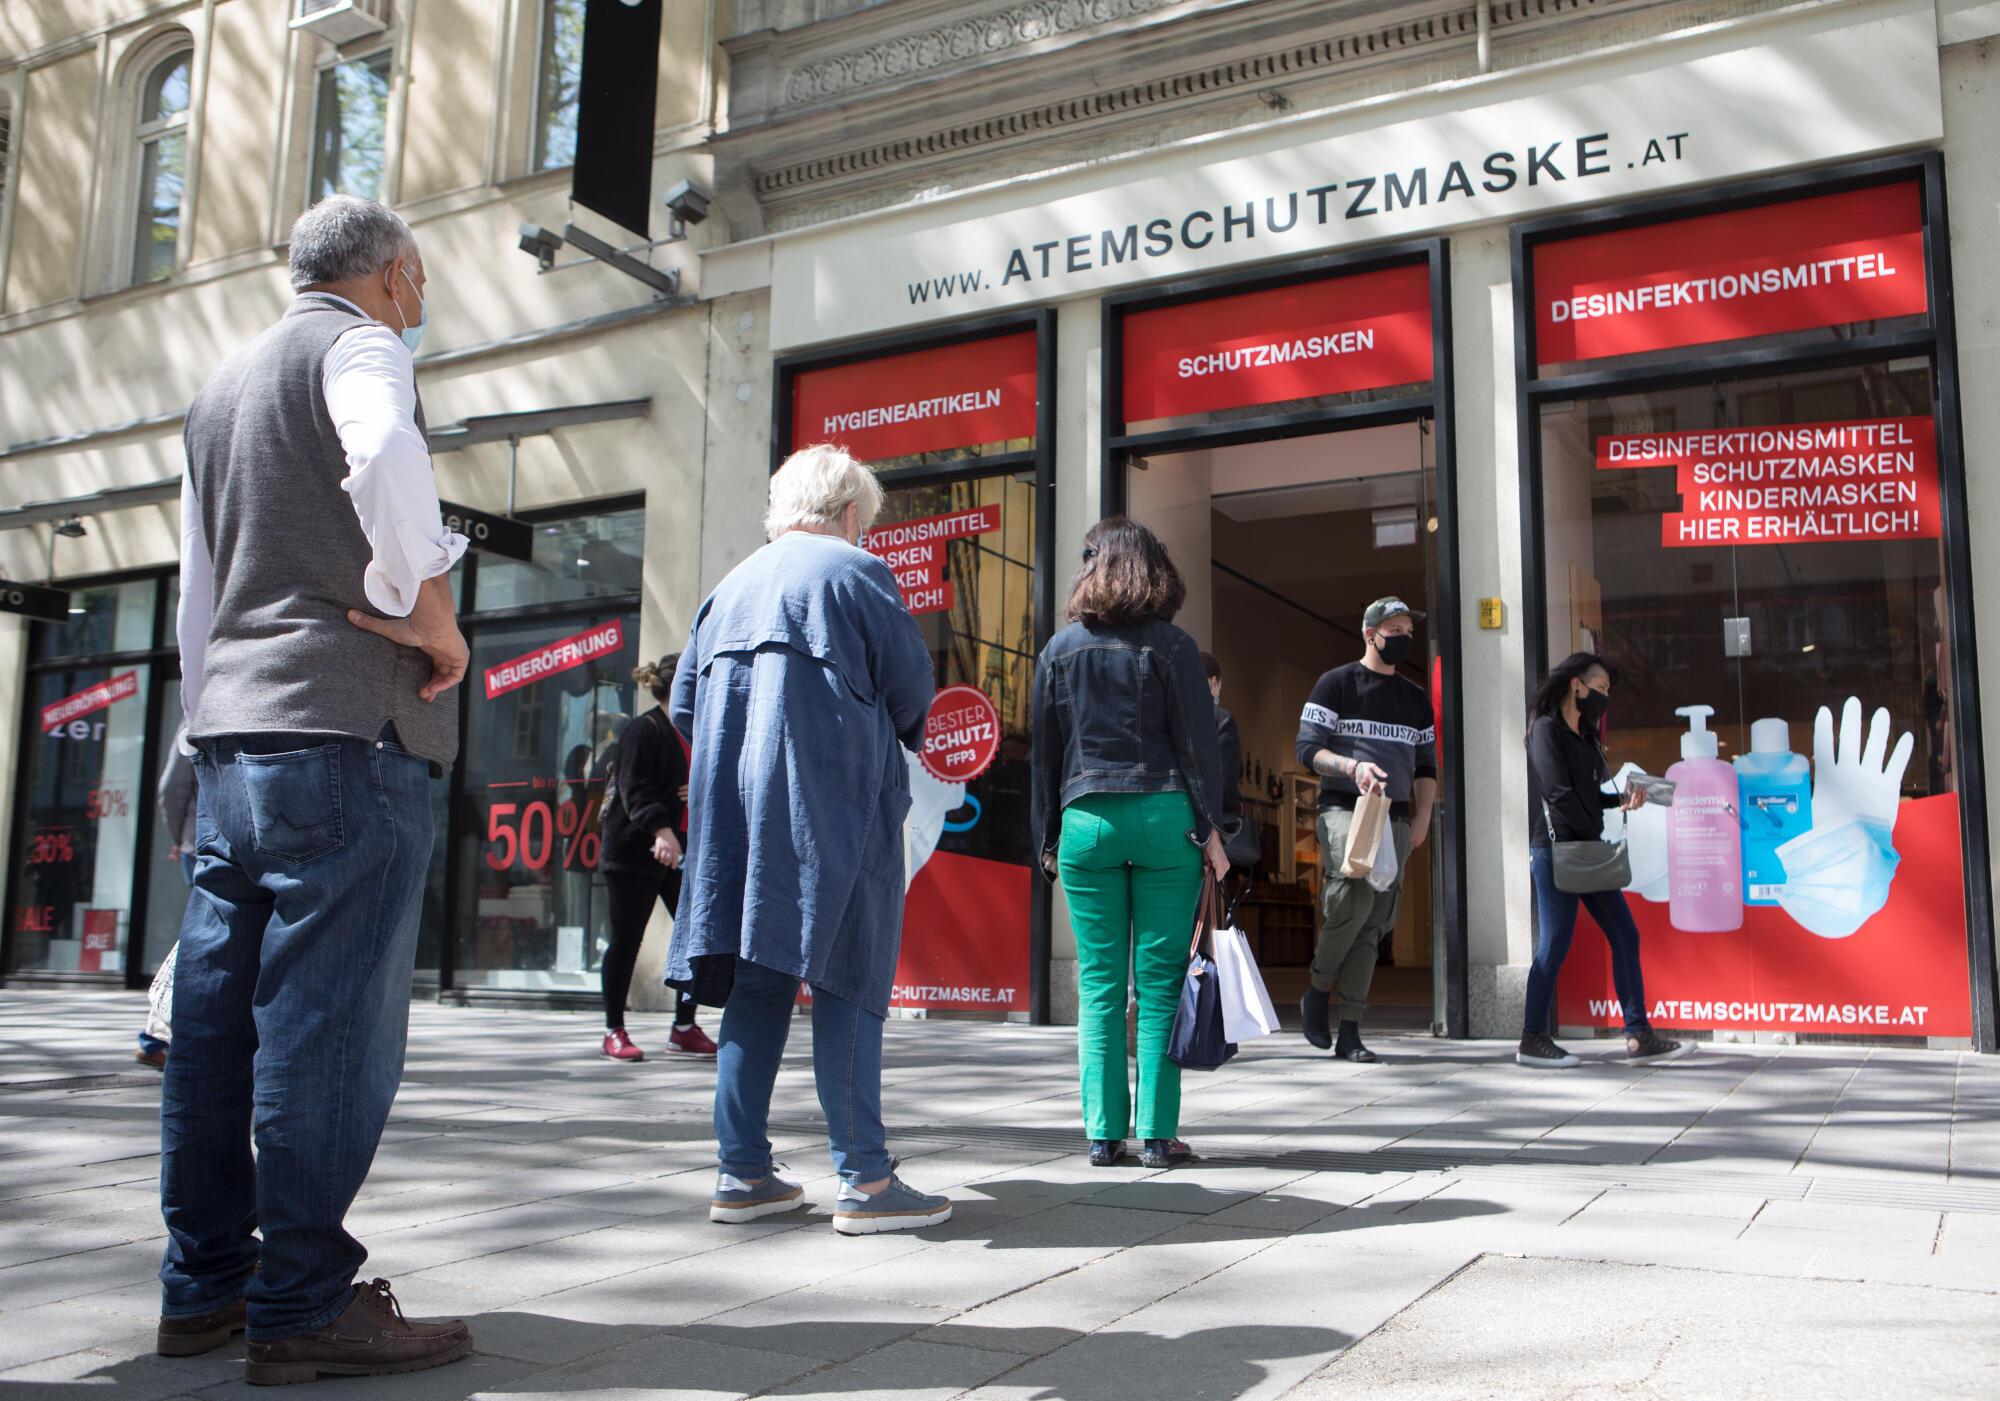 Les clients font la queue devant un magasin de vente de masque dans une rue commerçante de Vienne, le 20 avril 2020. (Image d'illustration)